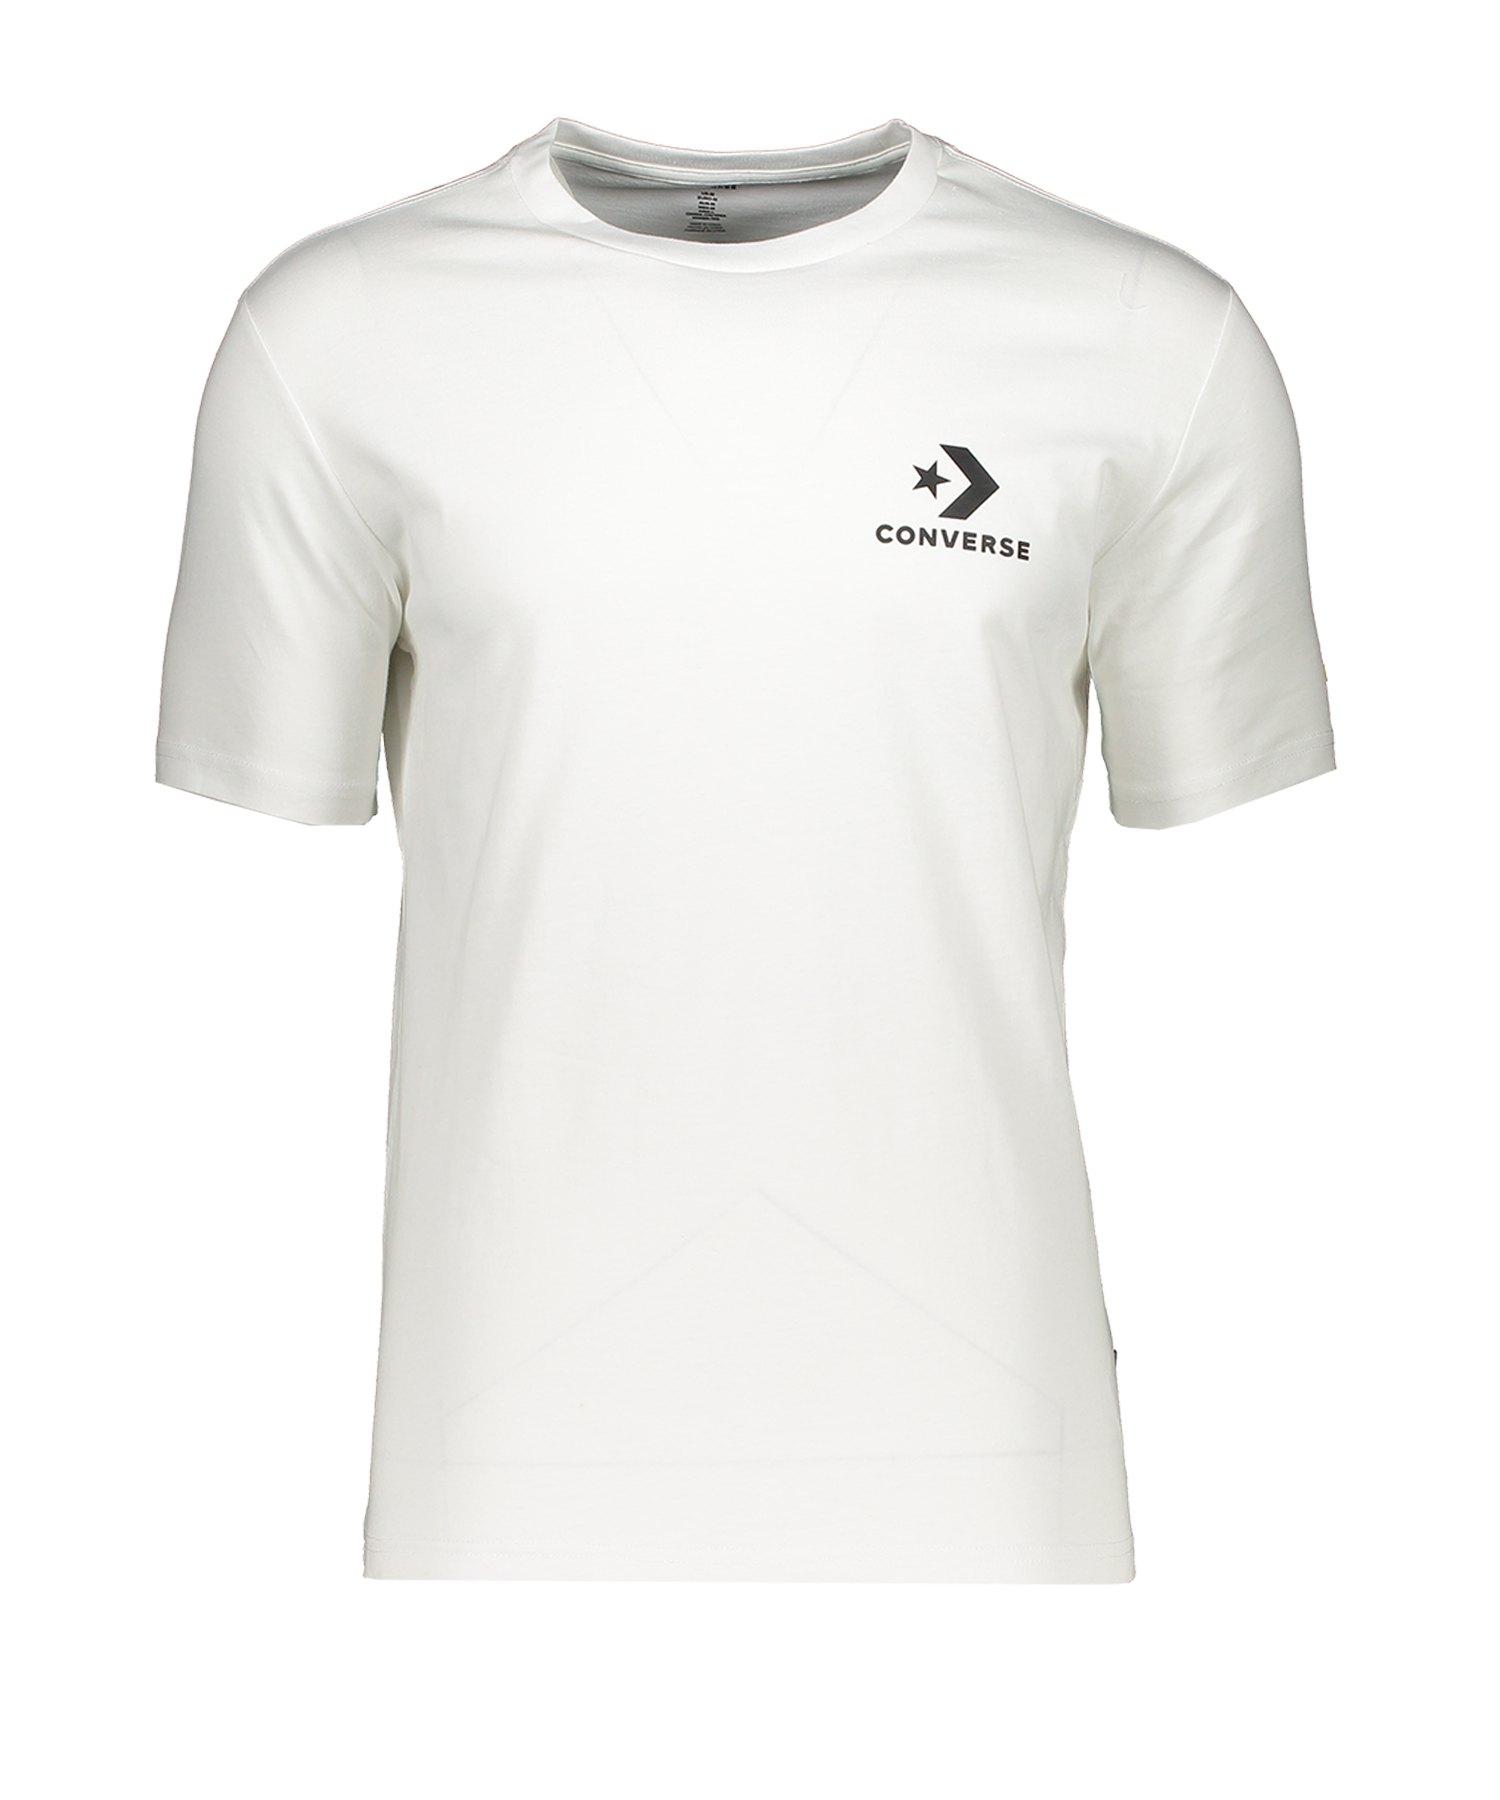 Converse Left Chest Star Chevron T-Shirt F102 - weiss